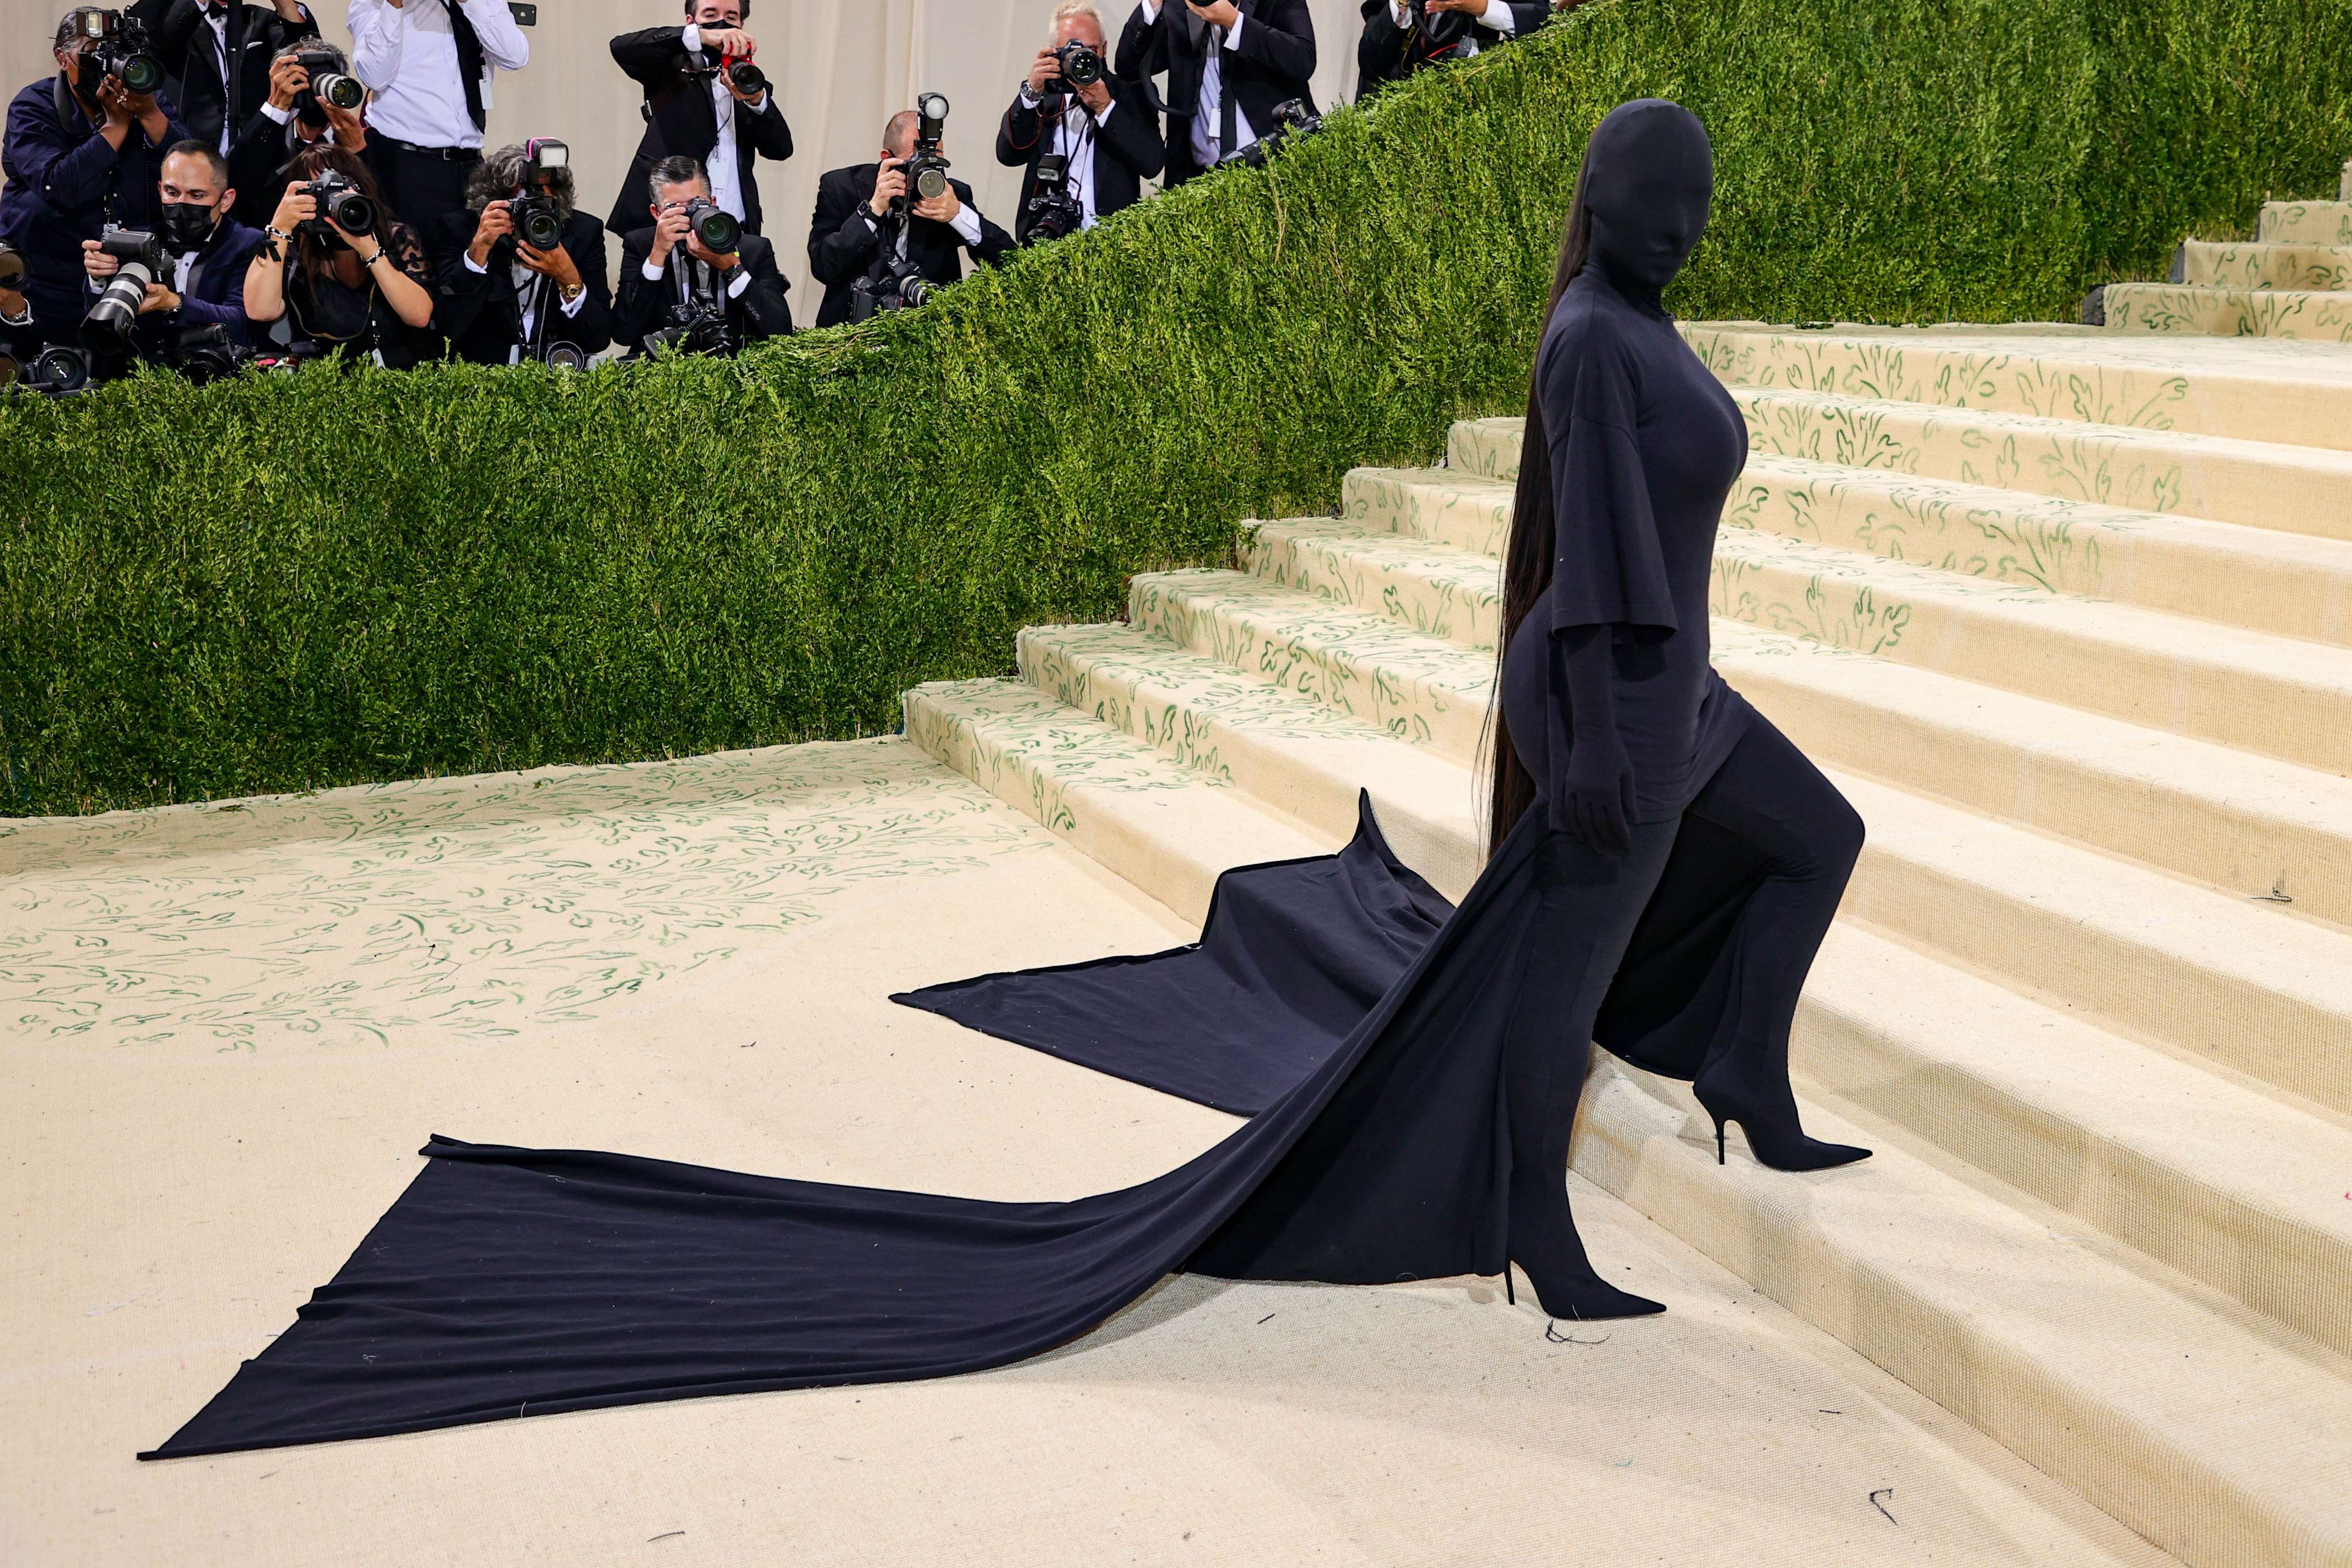 किम कार्दशियन ने 2021 मेट गाला सेलिब्रेटिंग इन अमेरिका: ए लेक्सिकॉन ऑफ फैशन(AFP) में शिरकत की